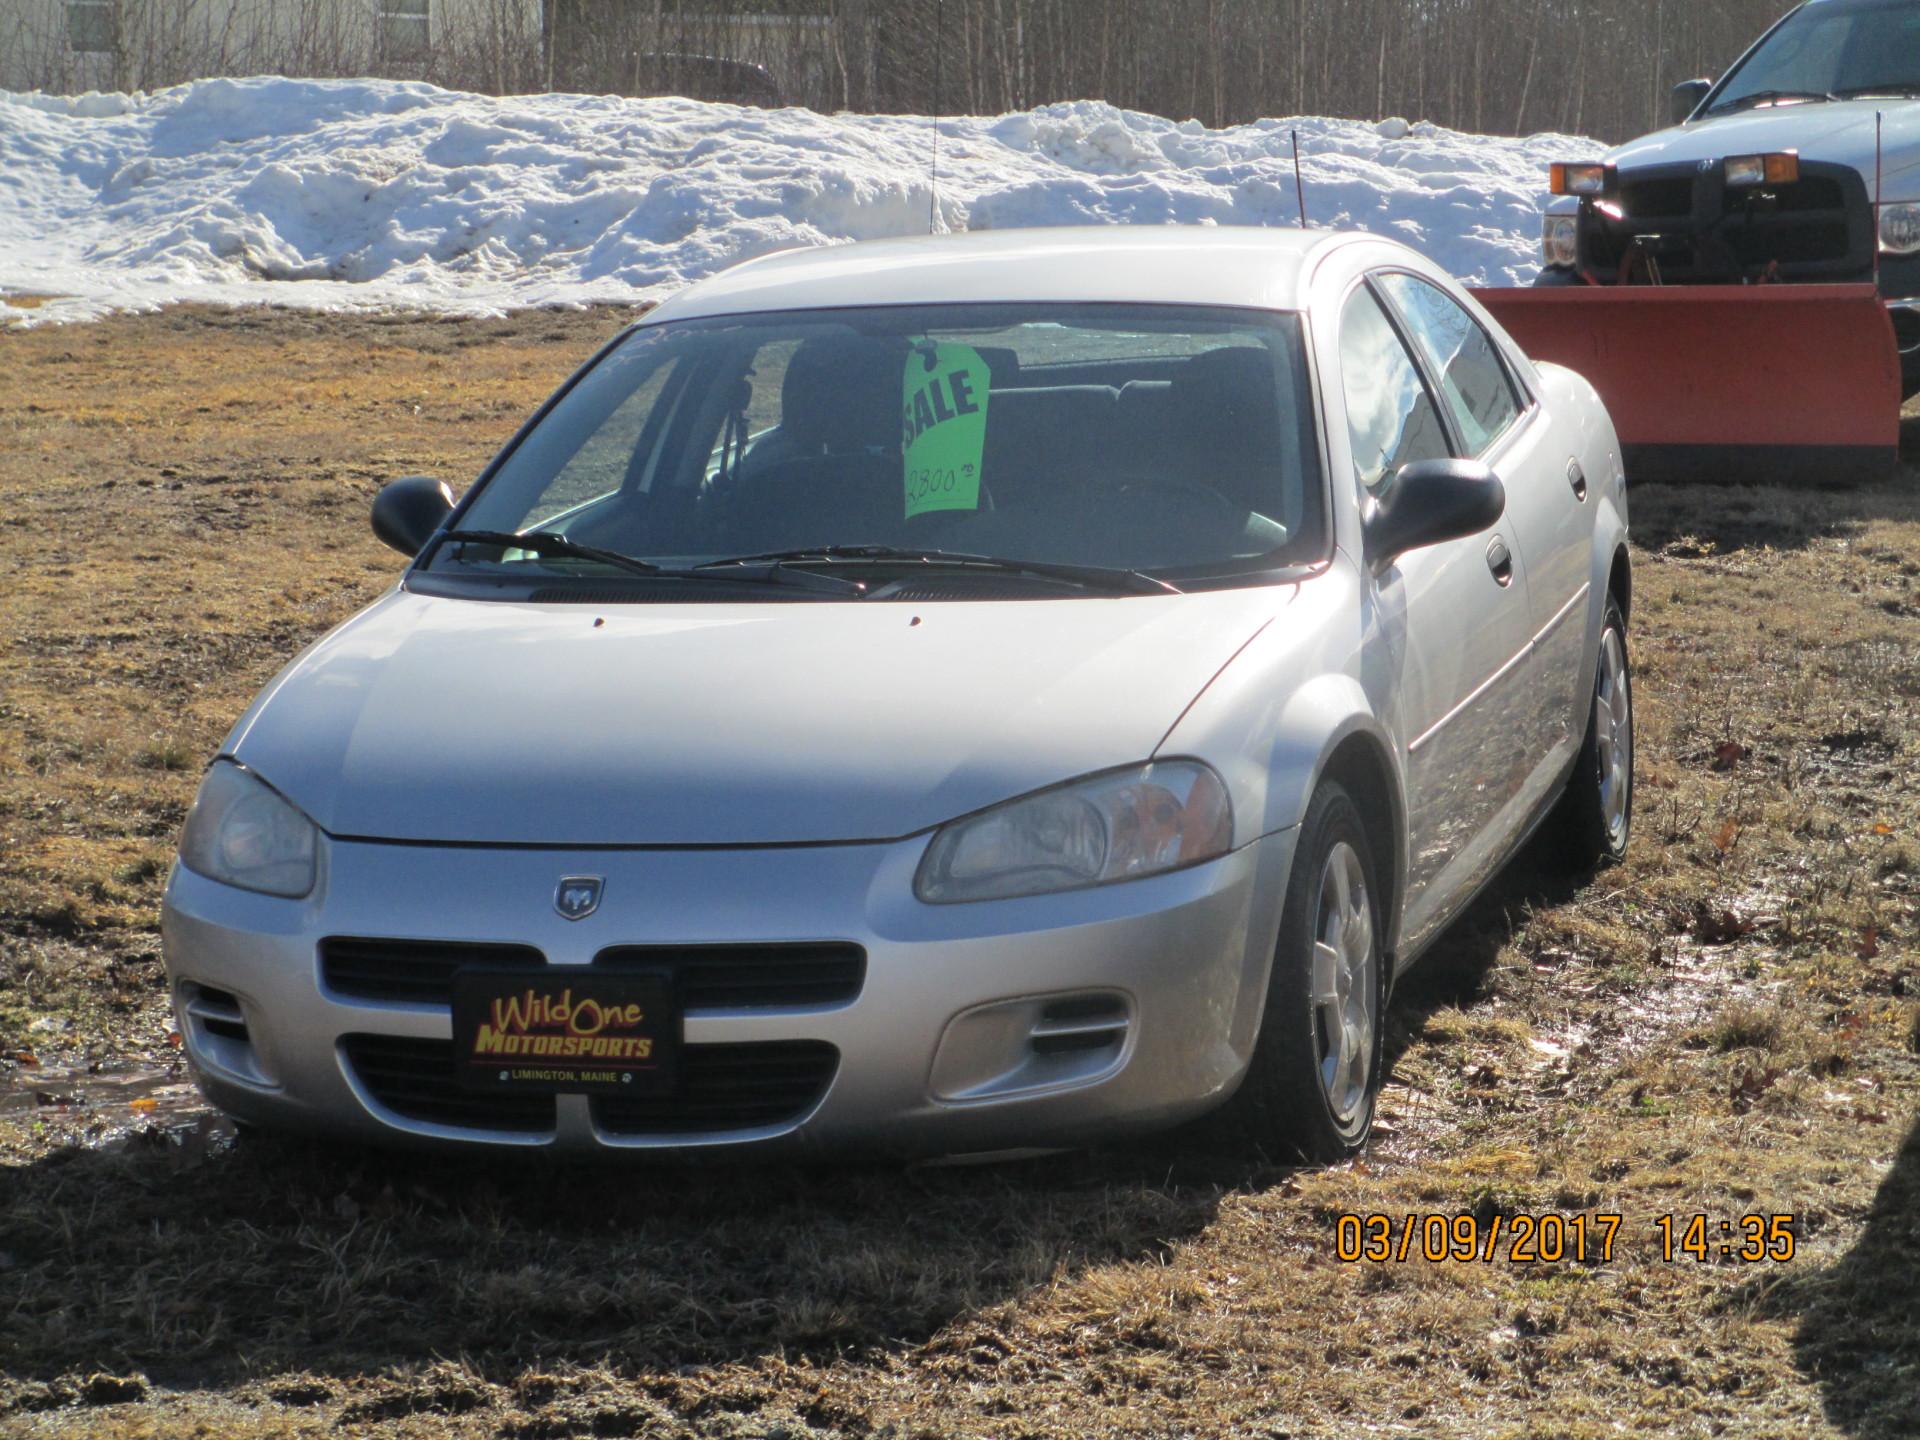 2003 Dodge Stratus - Silver